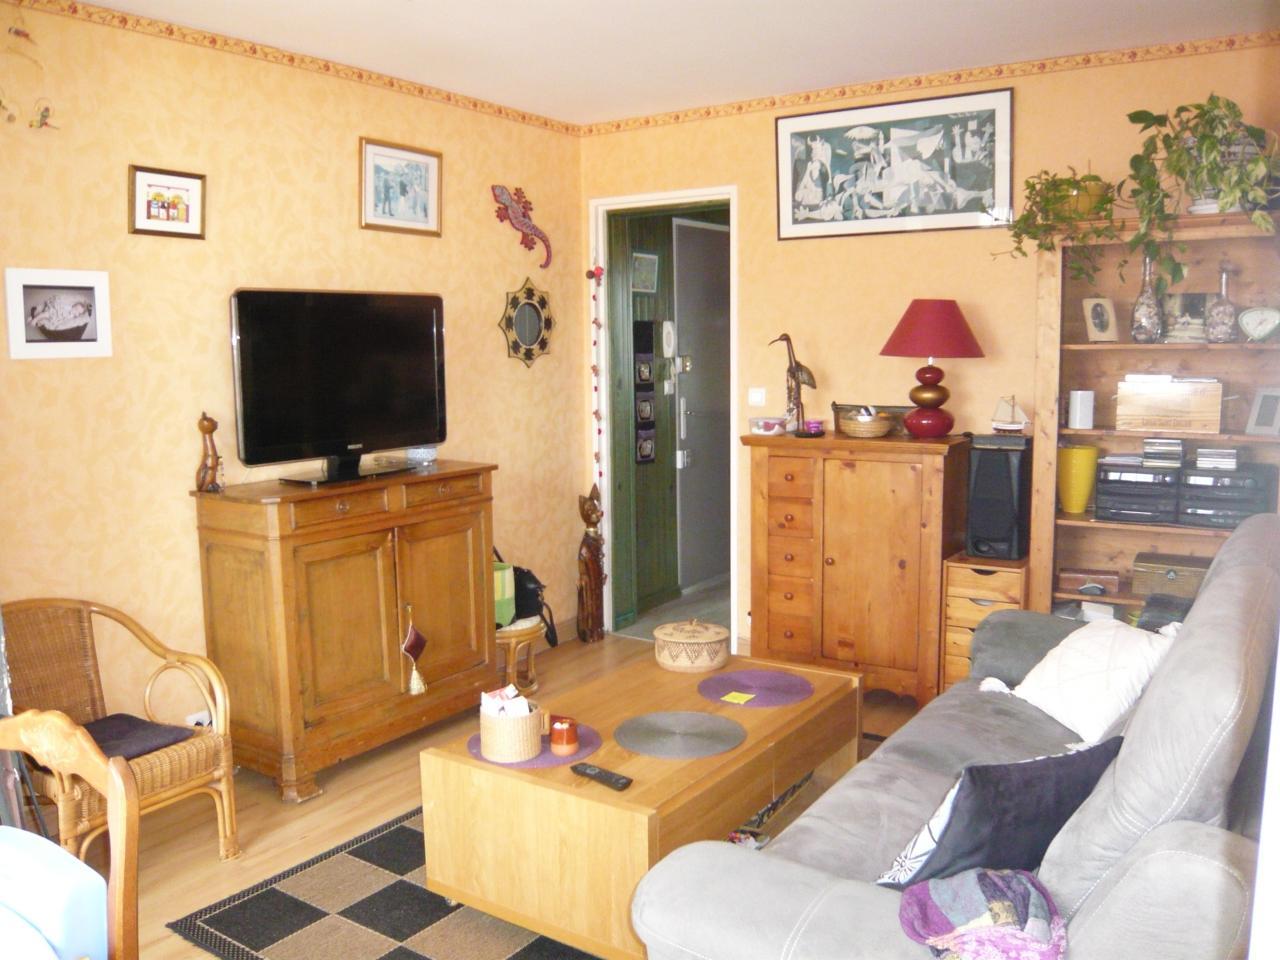 Location Appartement Pour 4 Personnes A Bayonne